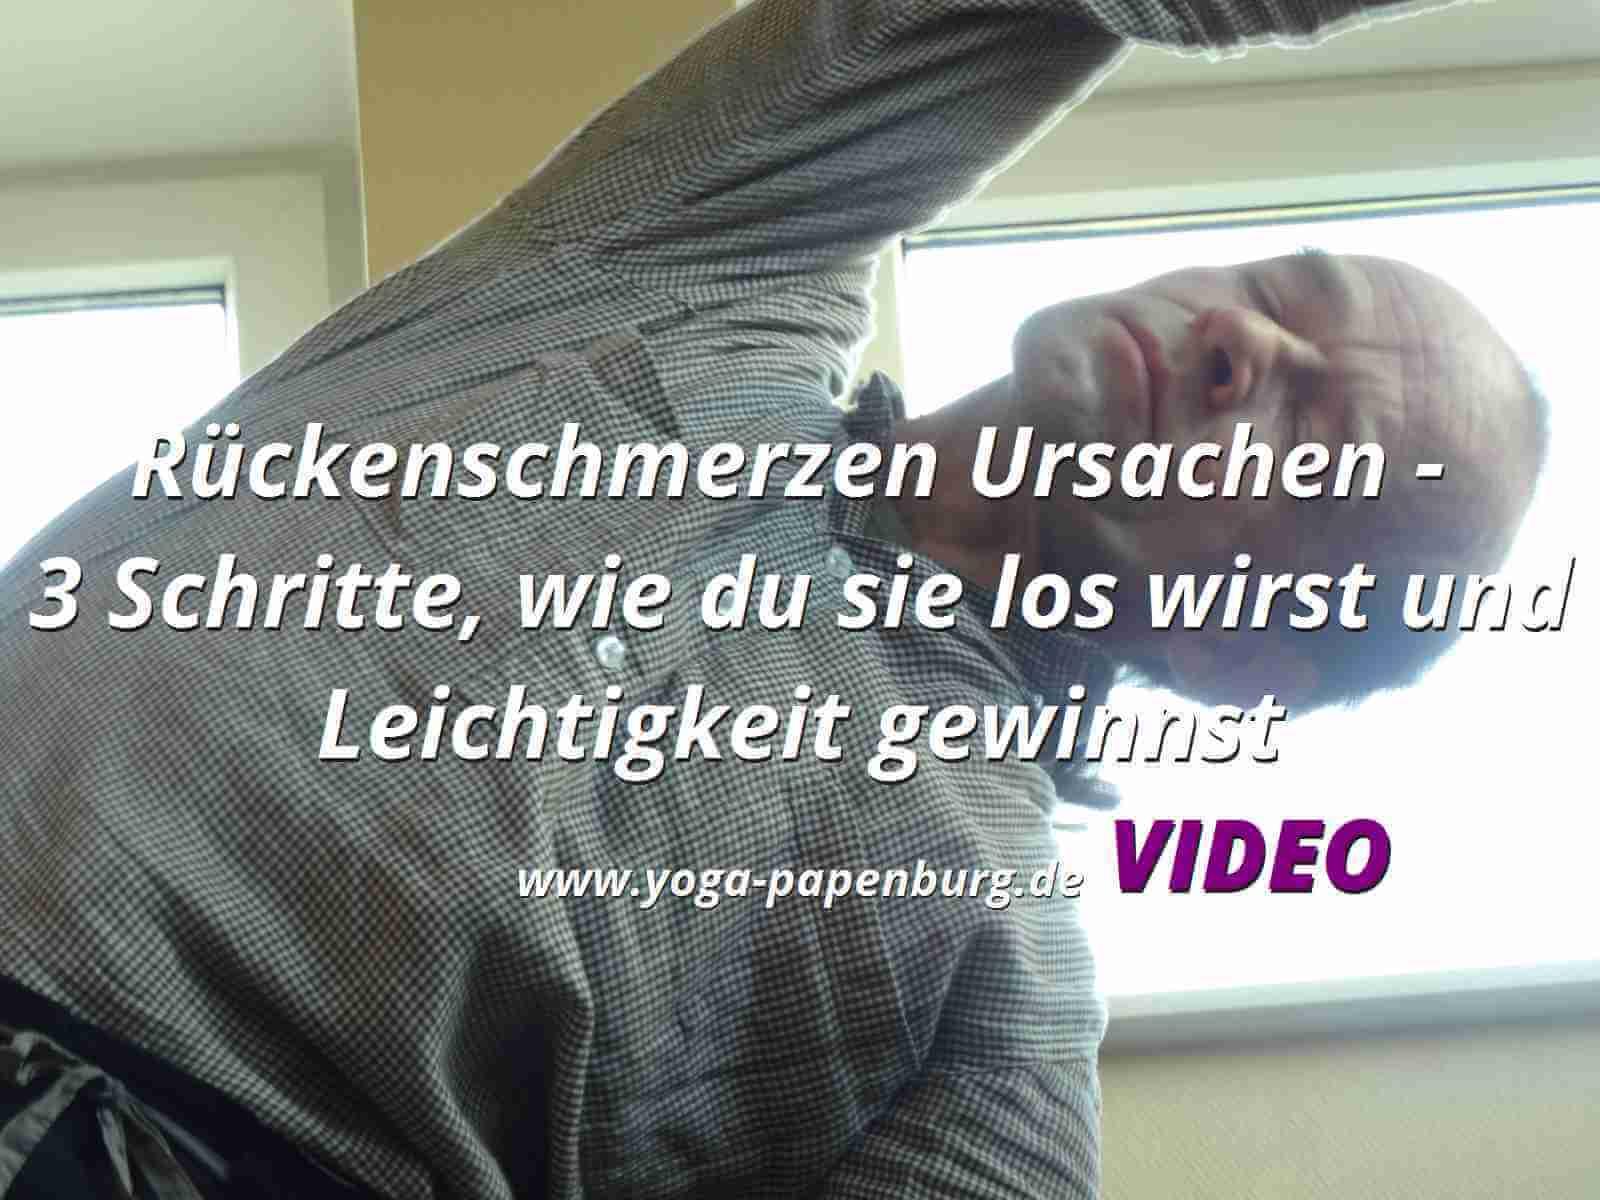 Rückenschmerzen Ursachen Video